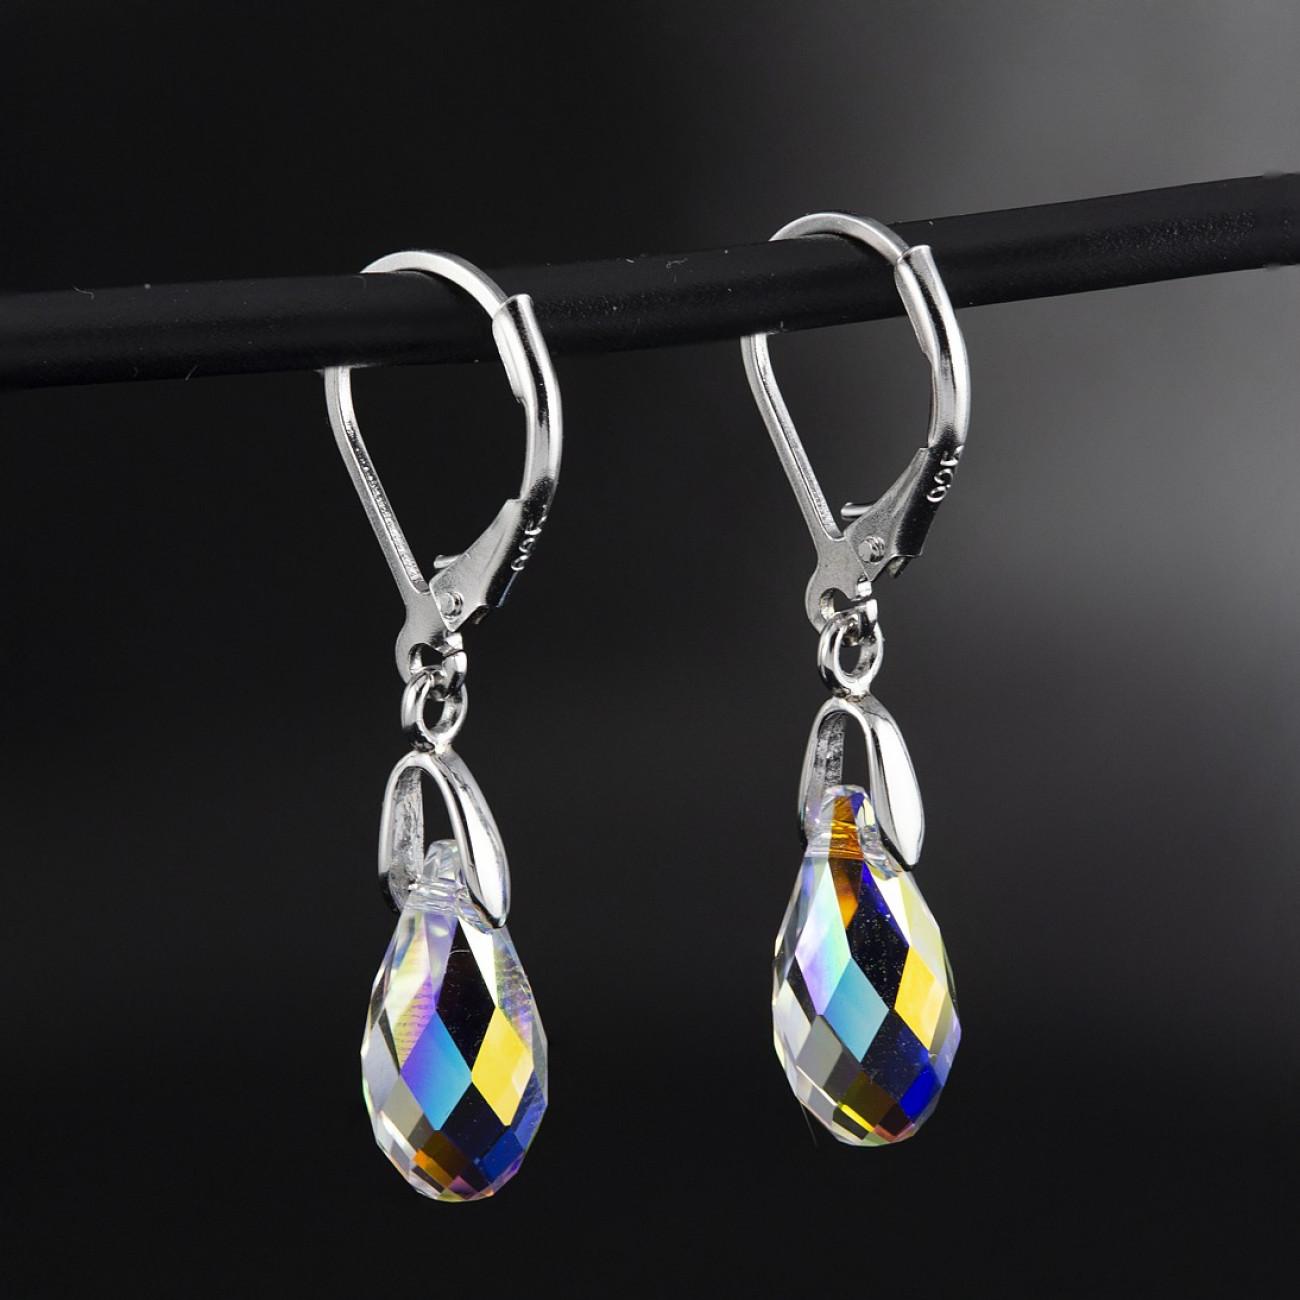 Luxusní, stříbrné náušnice Savour s pravým krystalem Swarovski Aurore Boreale